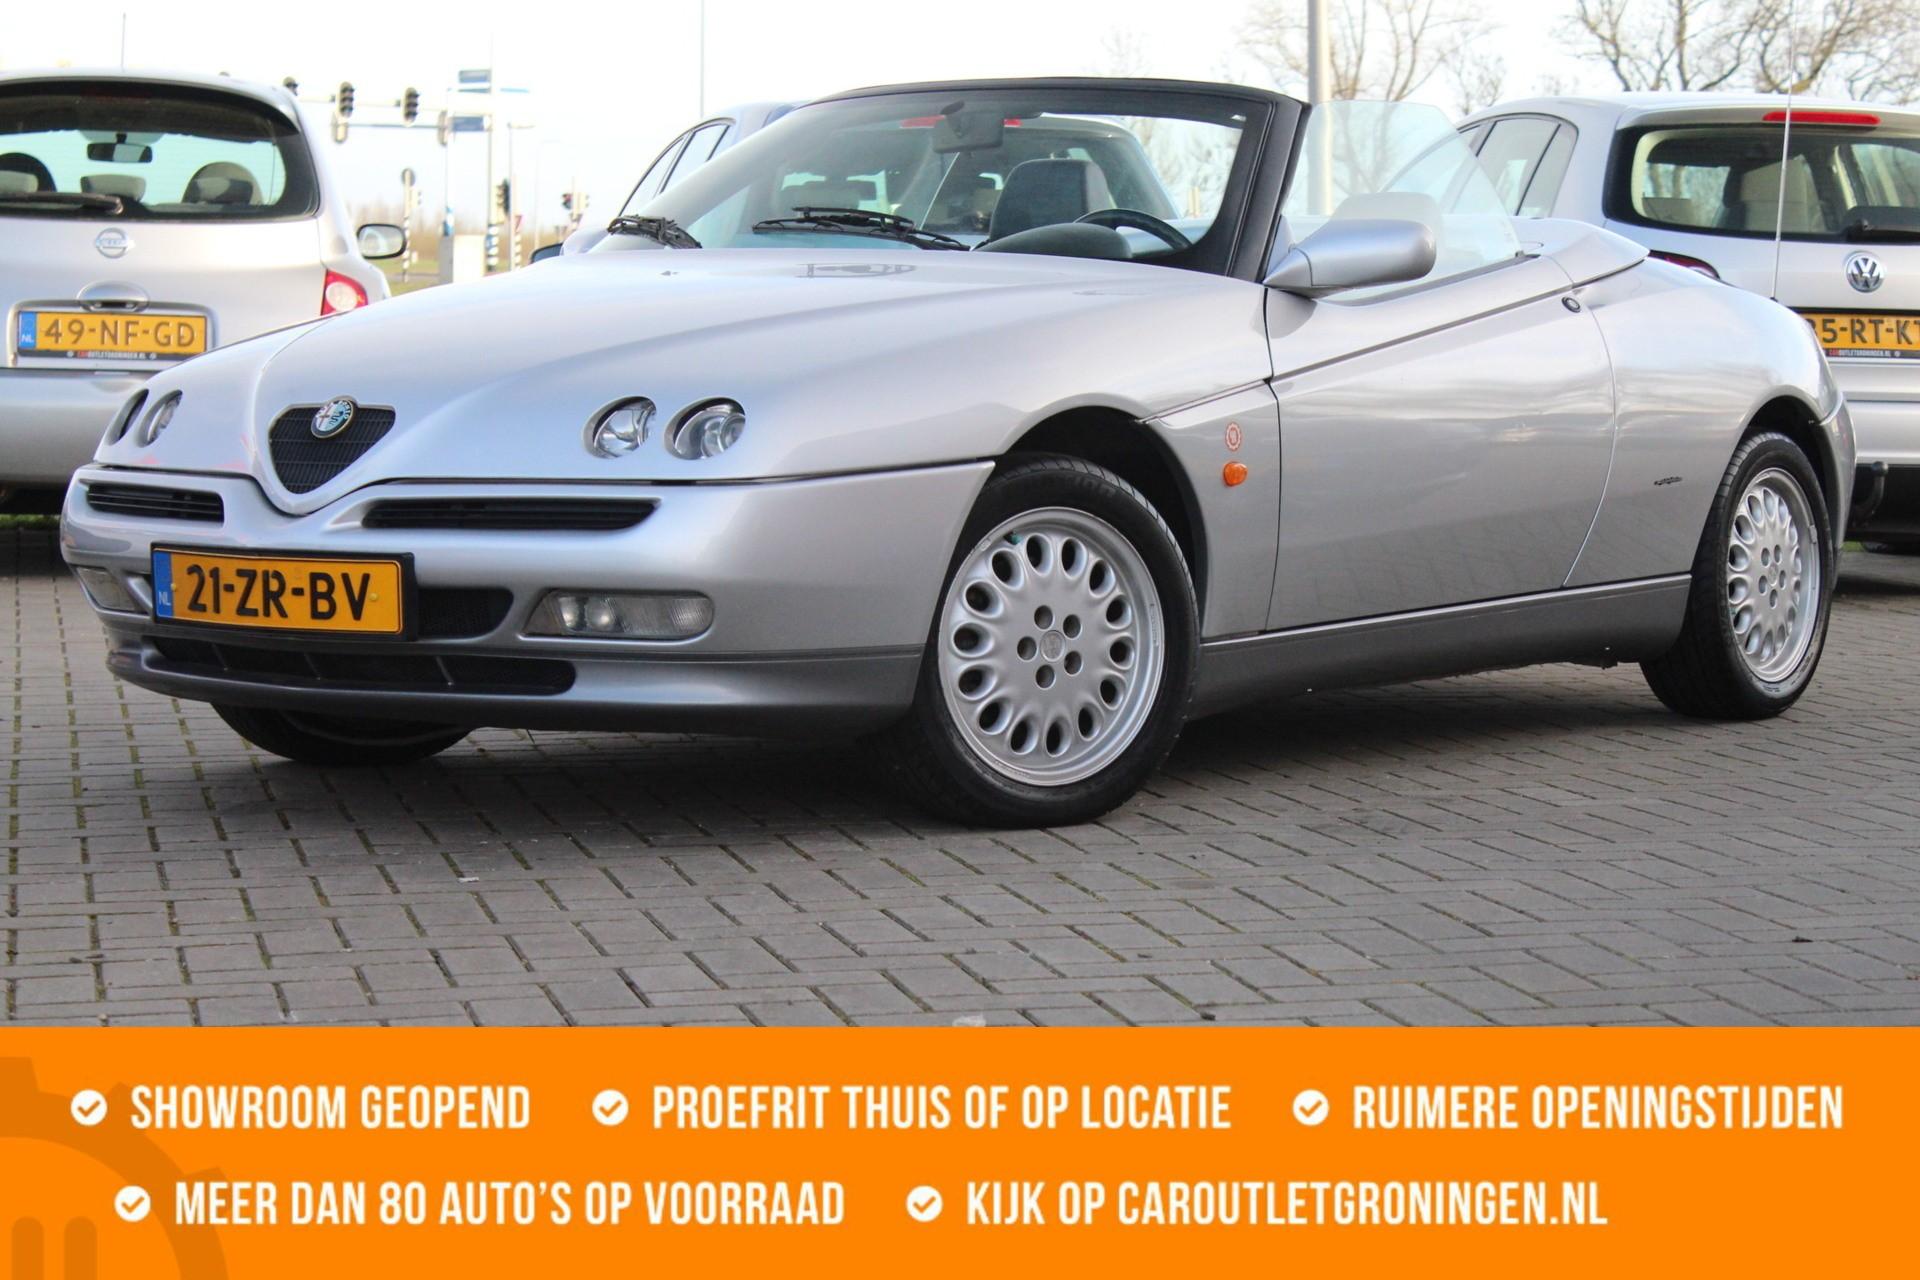 Caroutlet Groningen - Alfa Romeo Spider 2.0-16V T.Spark | PRACHTSTAAT | AIRCO |